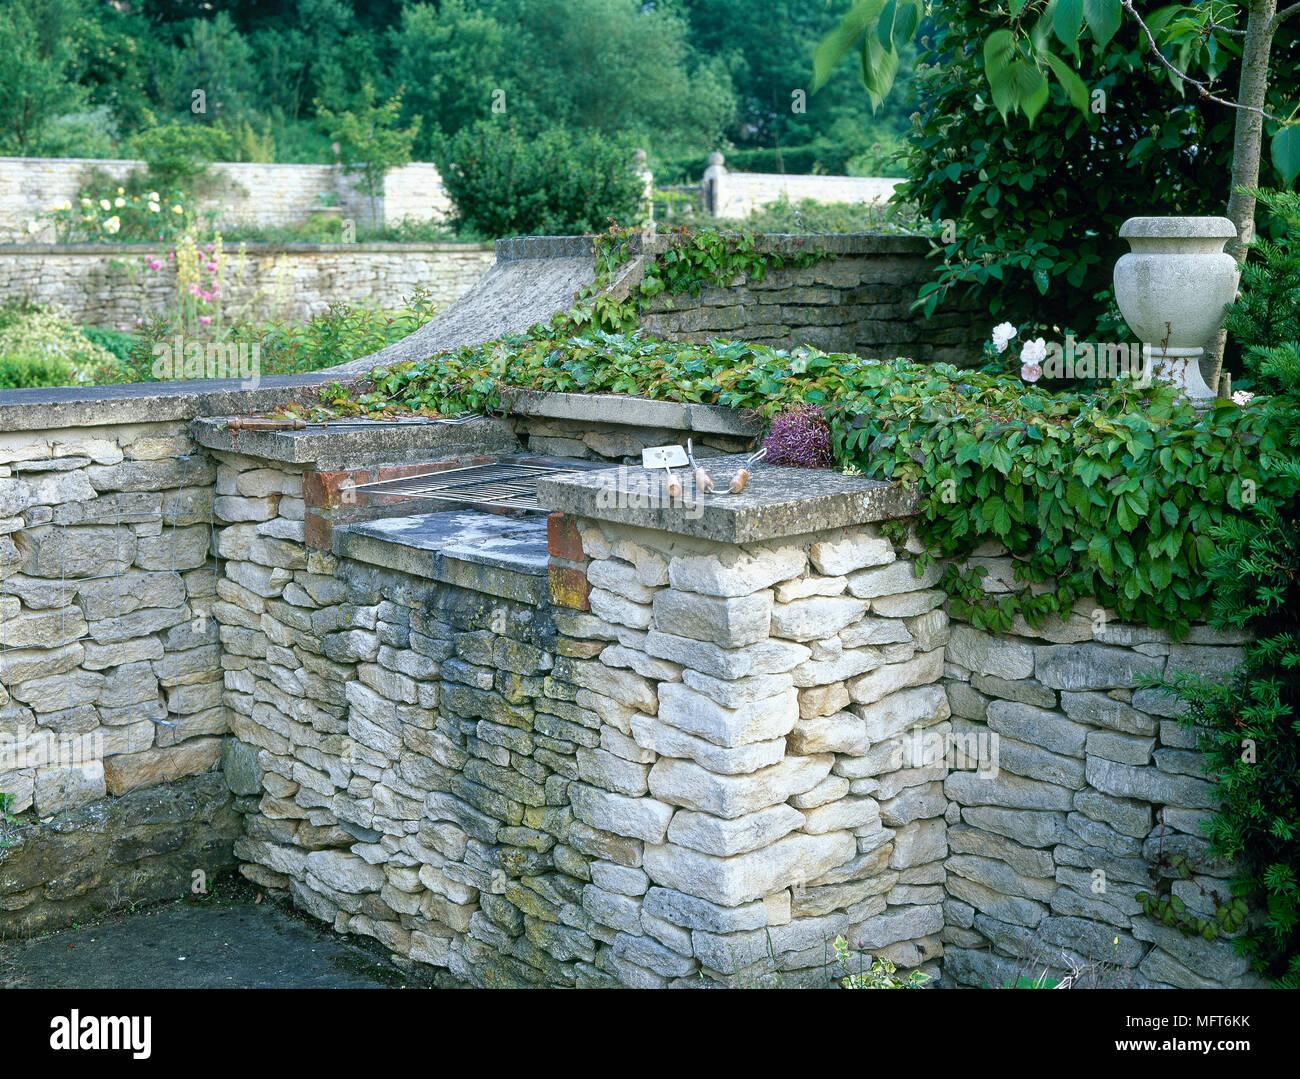 hinterhof detail einer mit wein bewachsenen stein grill stockfoto